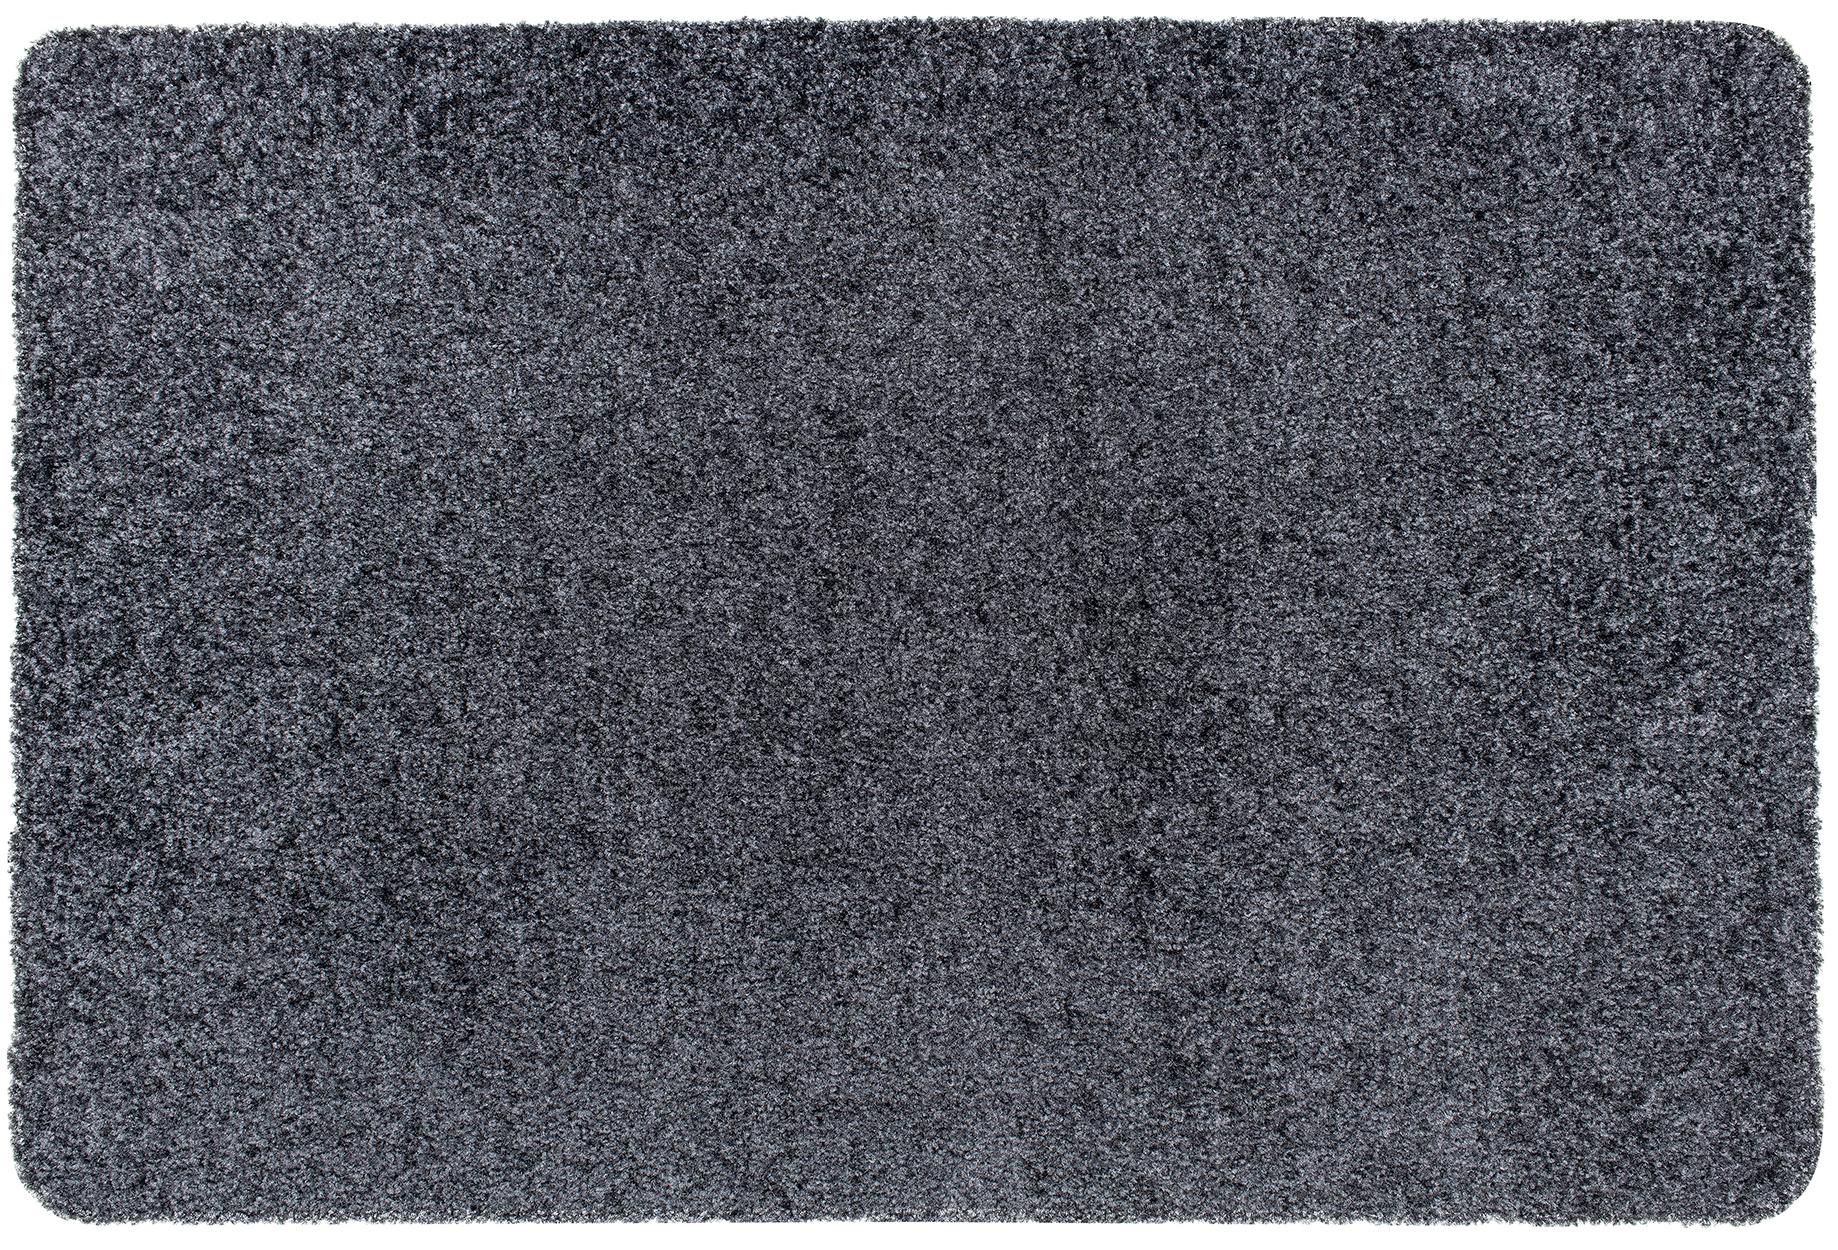 Droogloopmat Deurmat Washclean Grijs - 9mm Dik